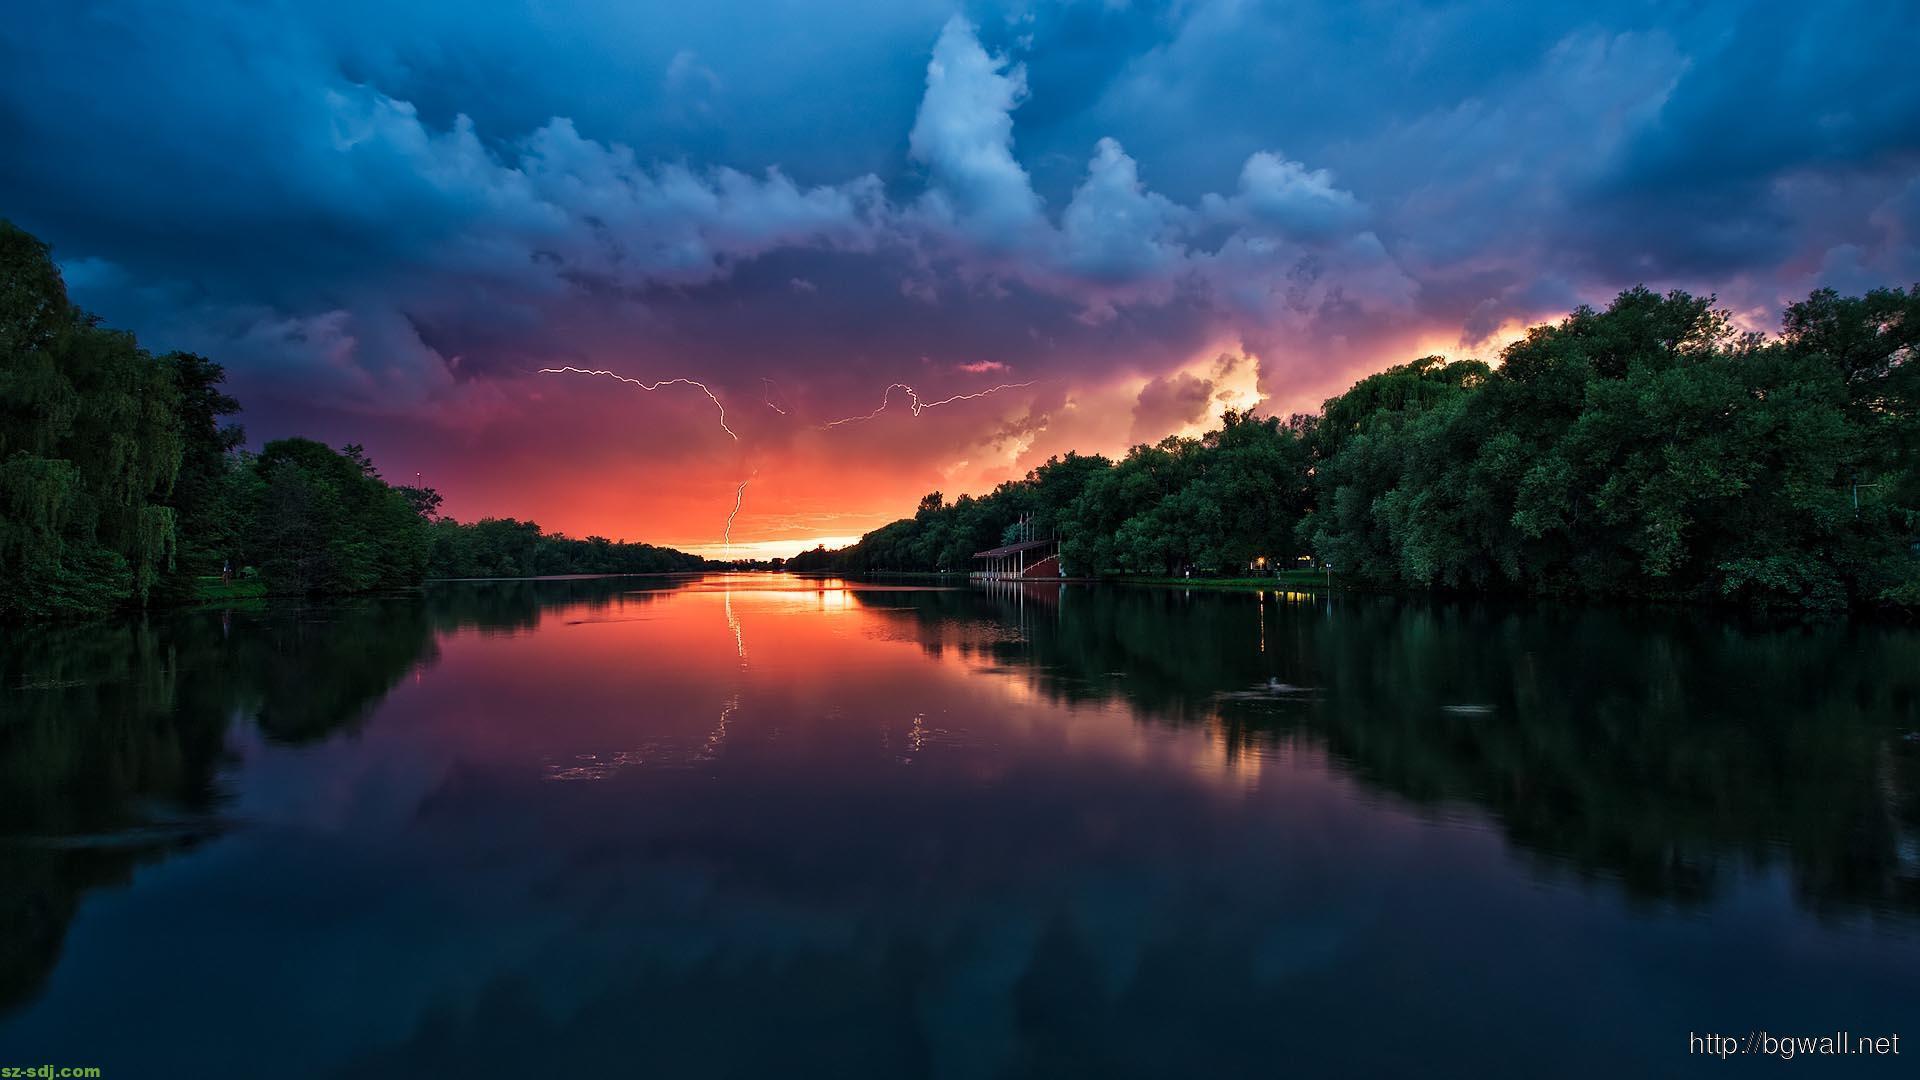 amazing-river-sunset-wallpaper-for-desktop